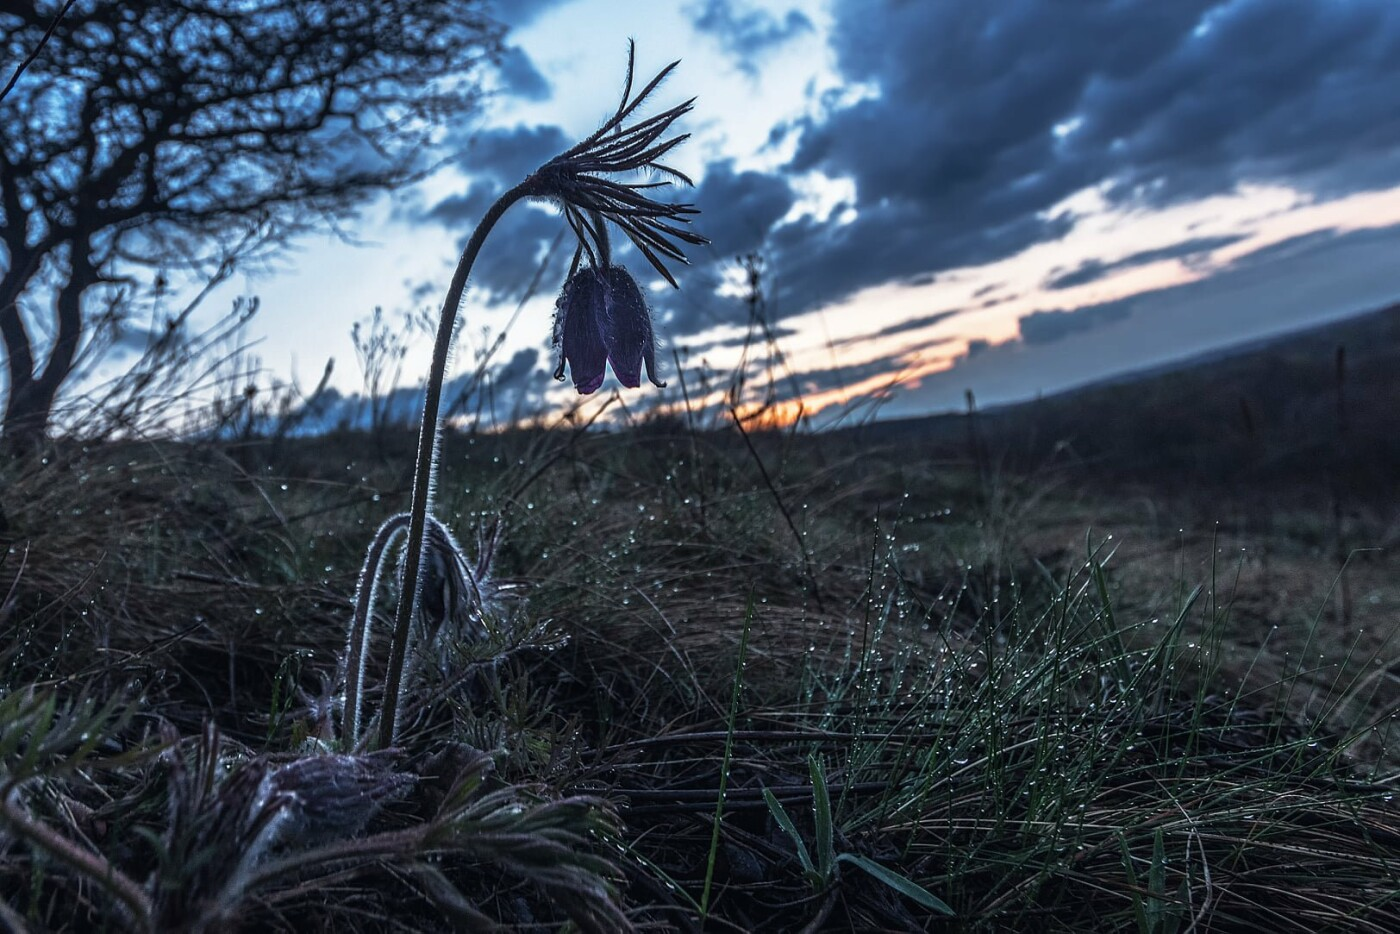 На закате и после грозы: запорожские фотографы делятся снимками цветущей Хортицы, - ФОТО, фото-26